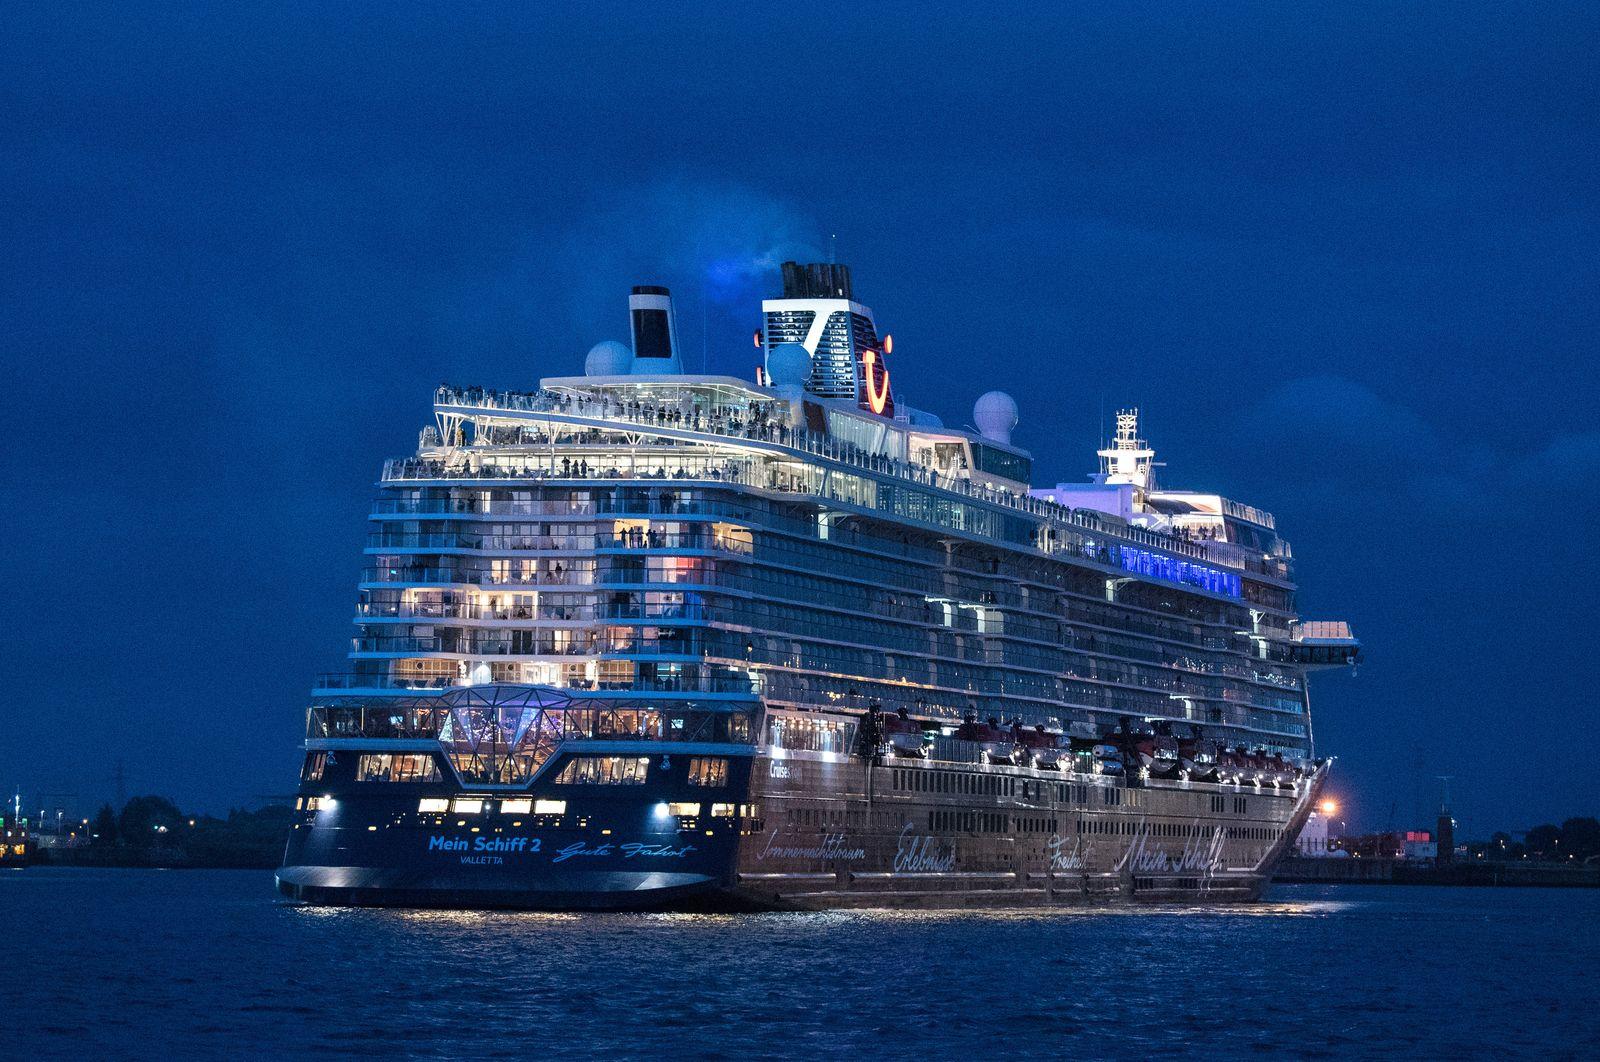 Erste Tui-Kreuzfahrt seit Corona gestartet